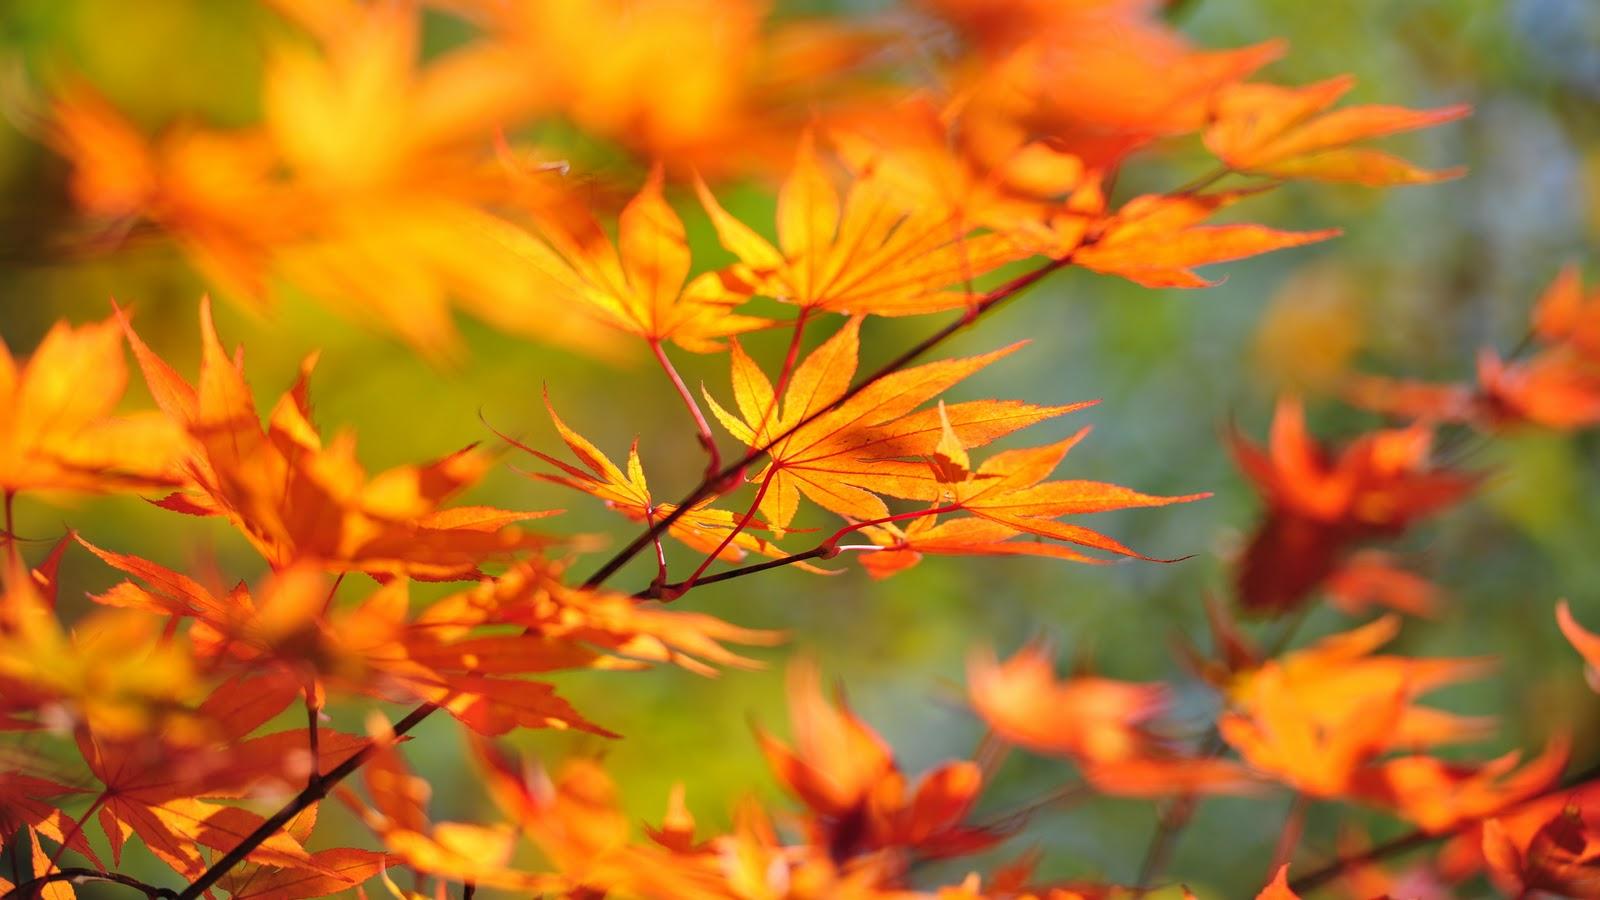 autumn season wallpapers hd - photo #28